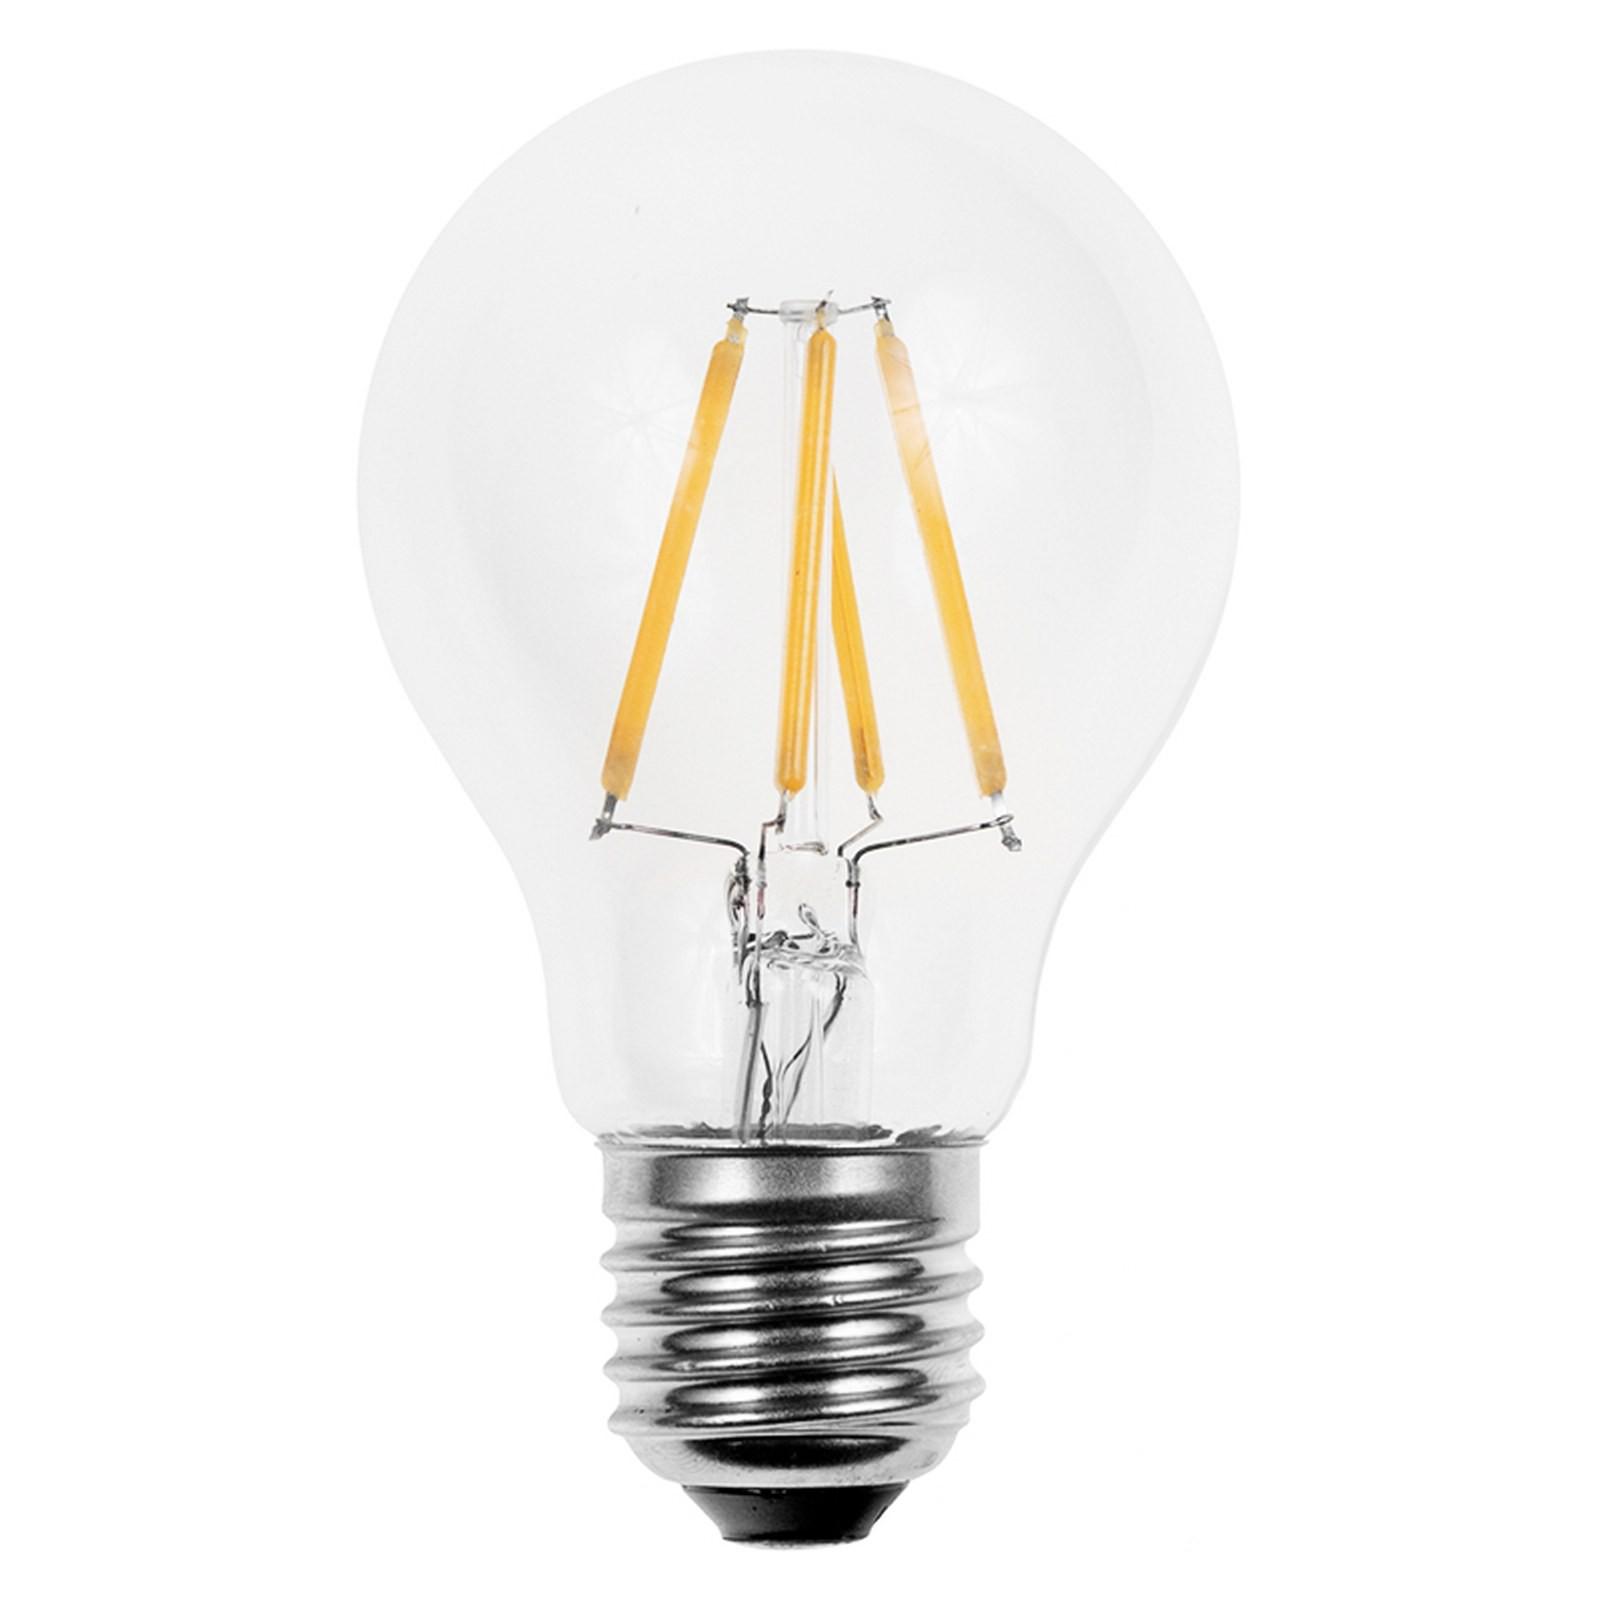 lampada led lampadina filamento attacco e27 light a globo